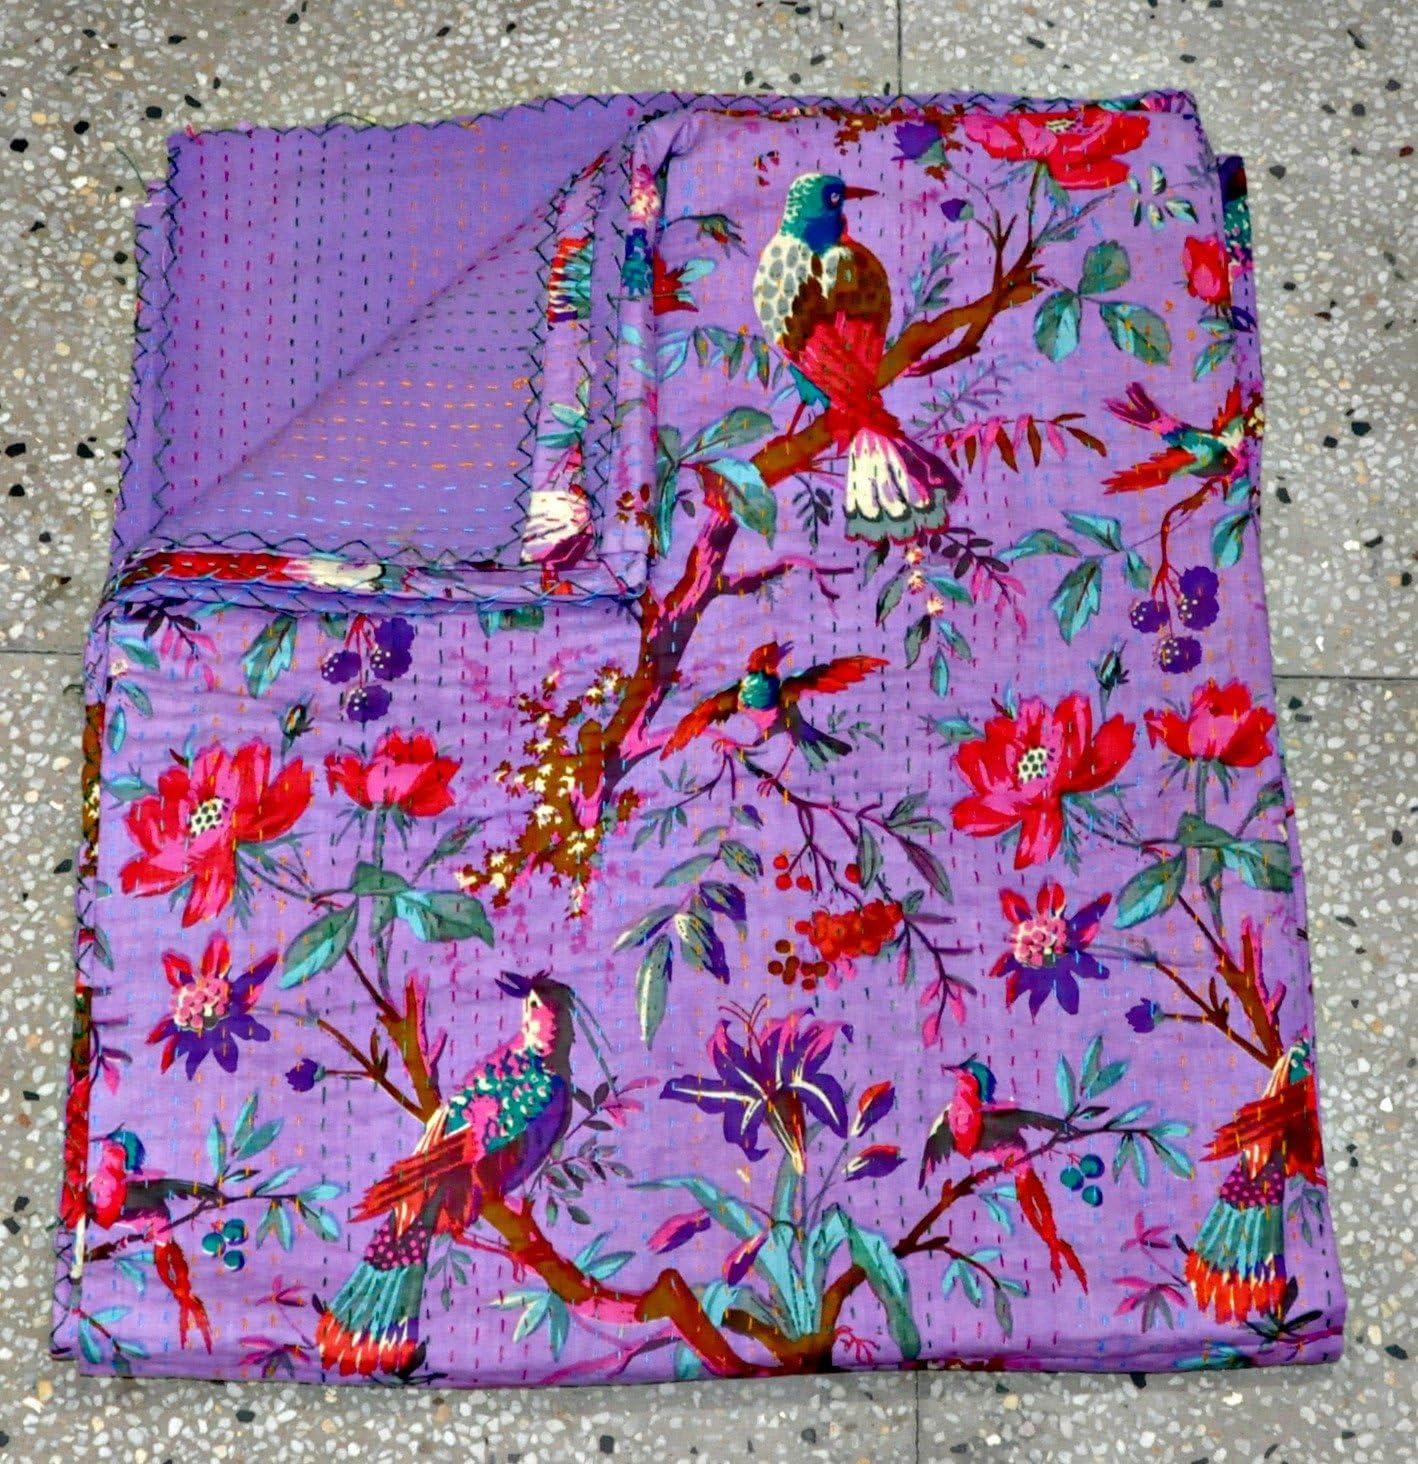 Queen Patchwork Kantha Quilt In purple Bird, Handmade Cotton Kantha Throw blaket GE581P-7E6 2CF5721790